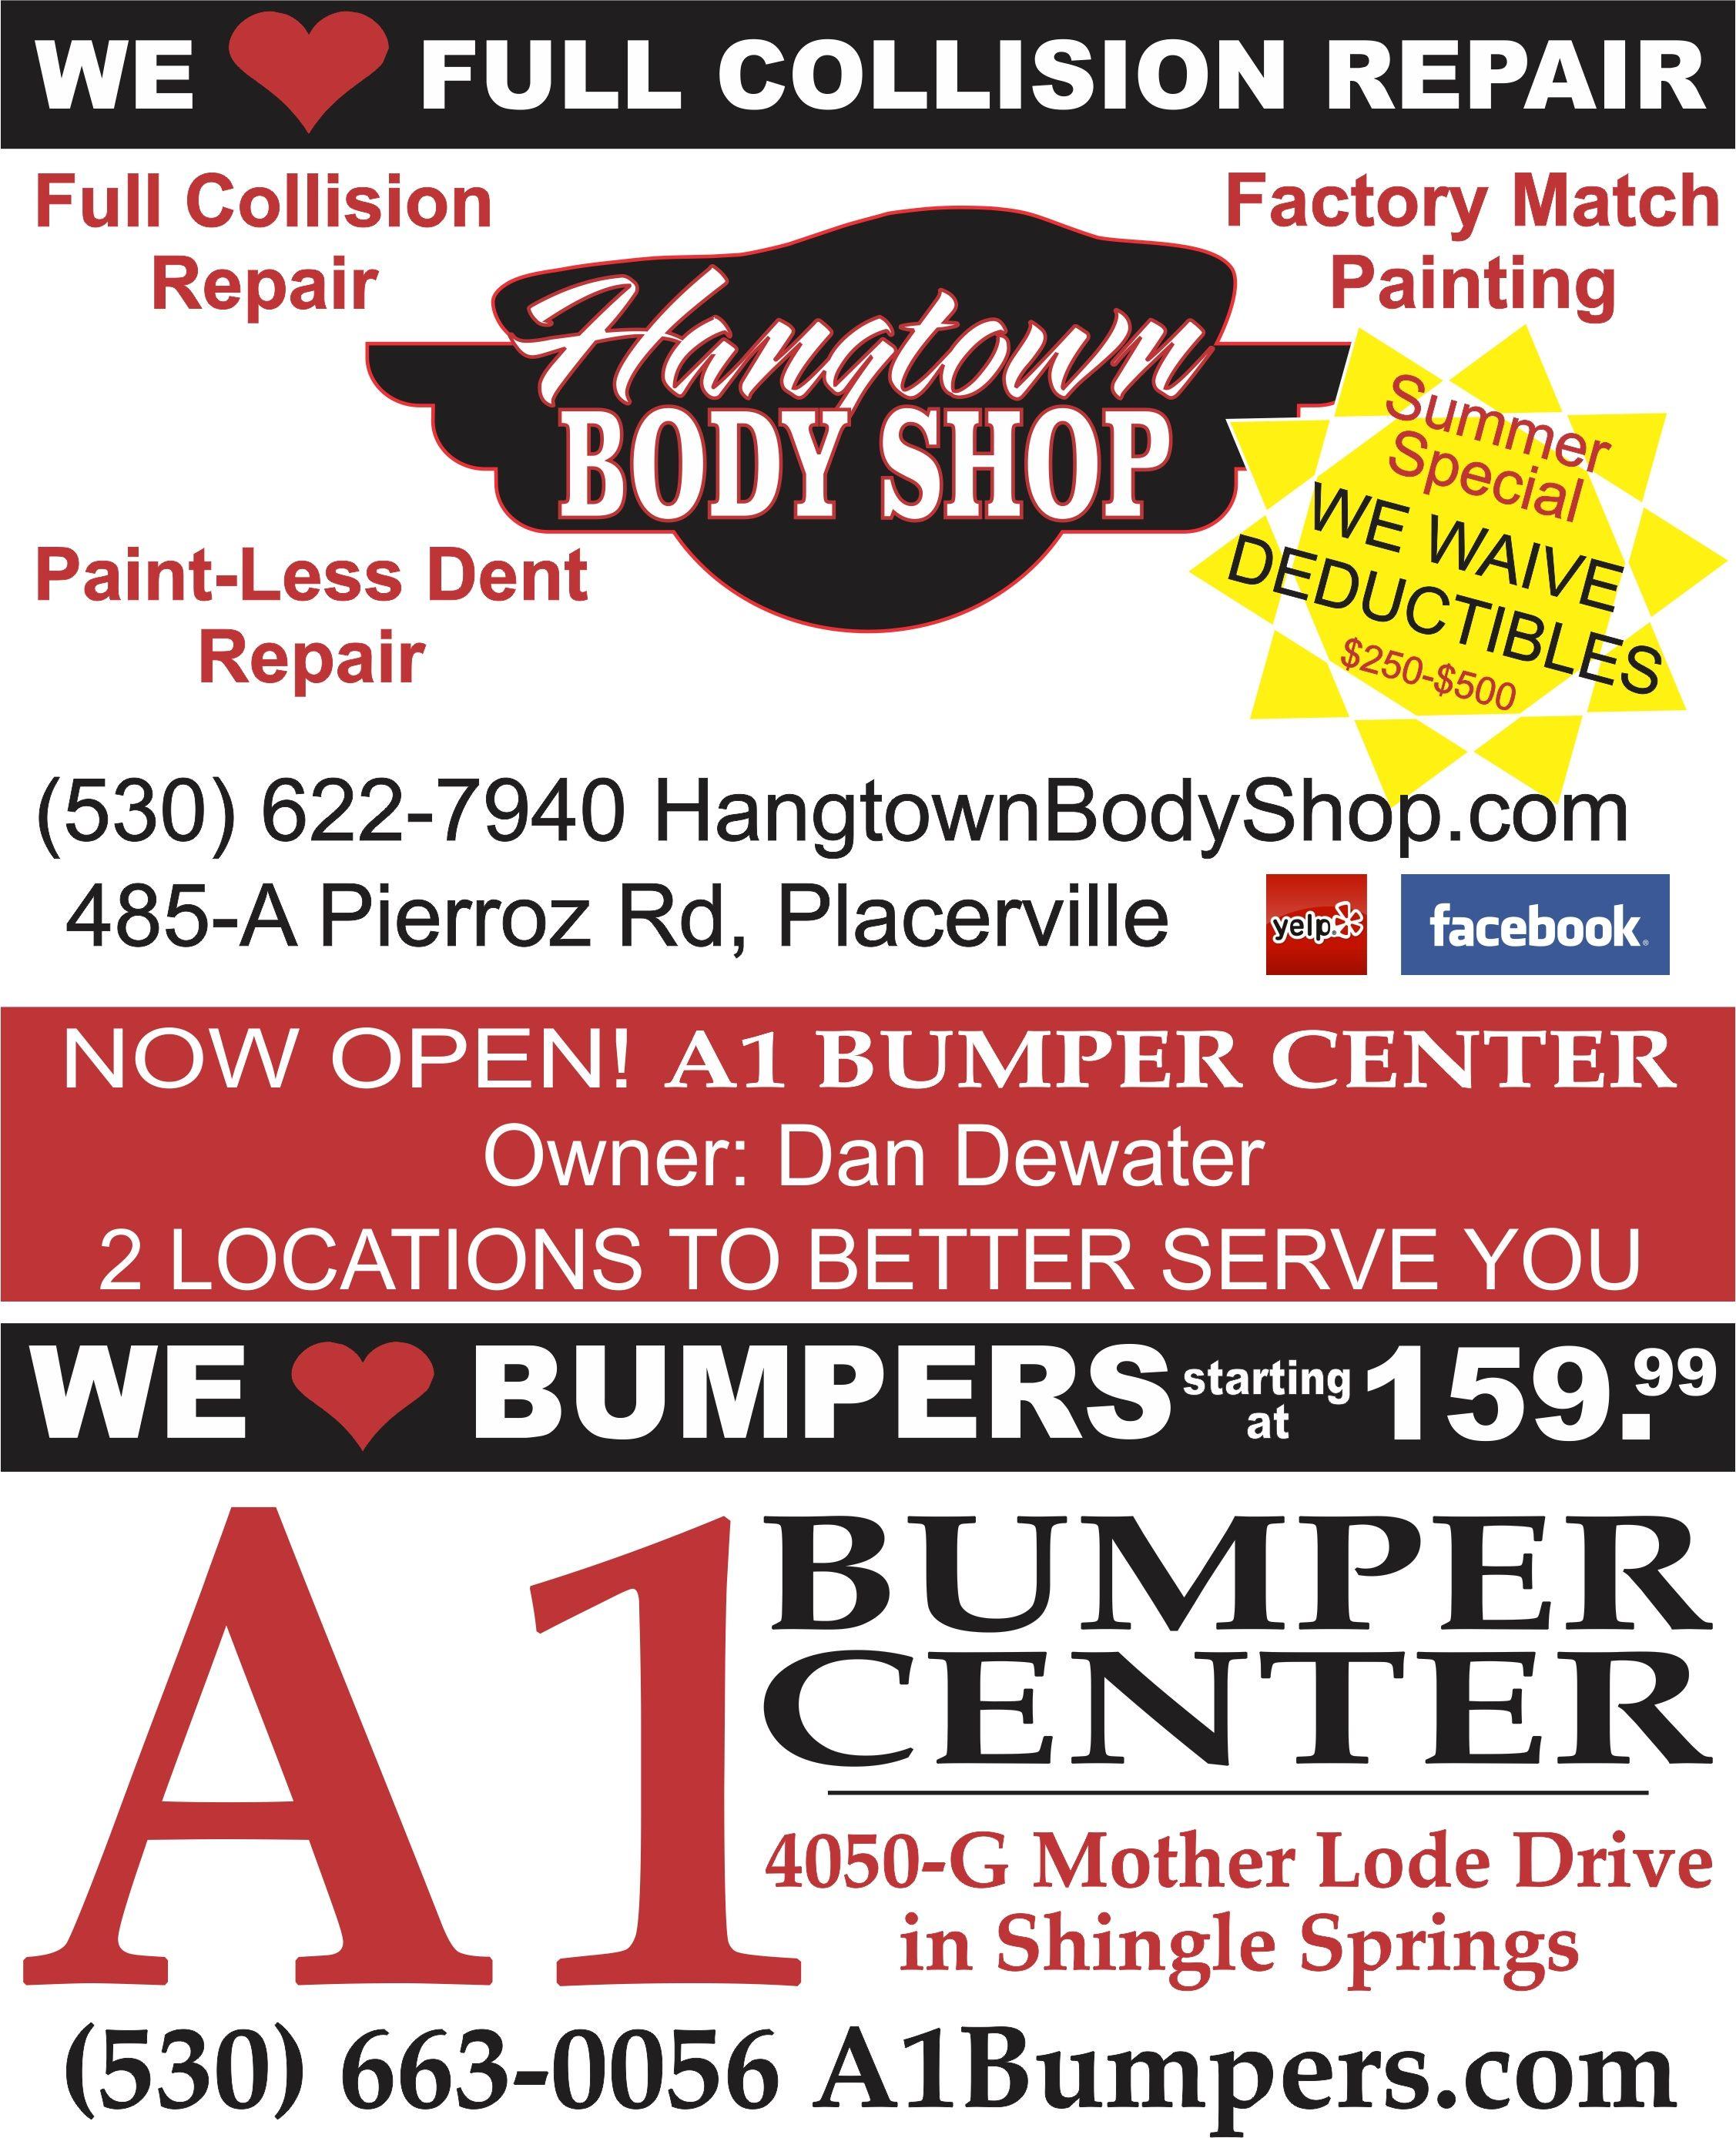 FAIR ☼ WE ♥ OUR SPONSORS • Hangtown Body Shop & A1 Bumper